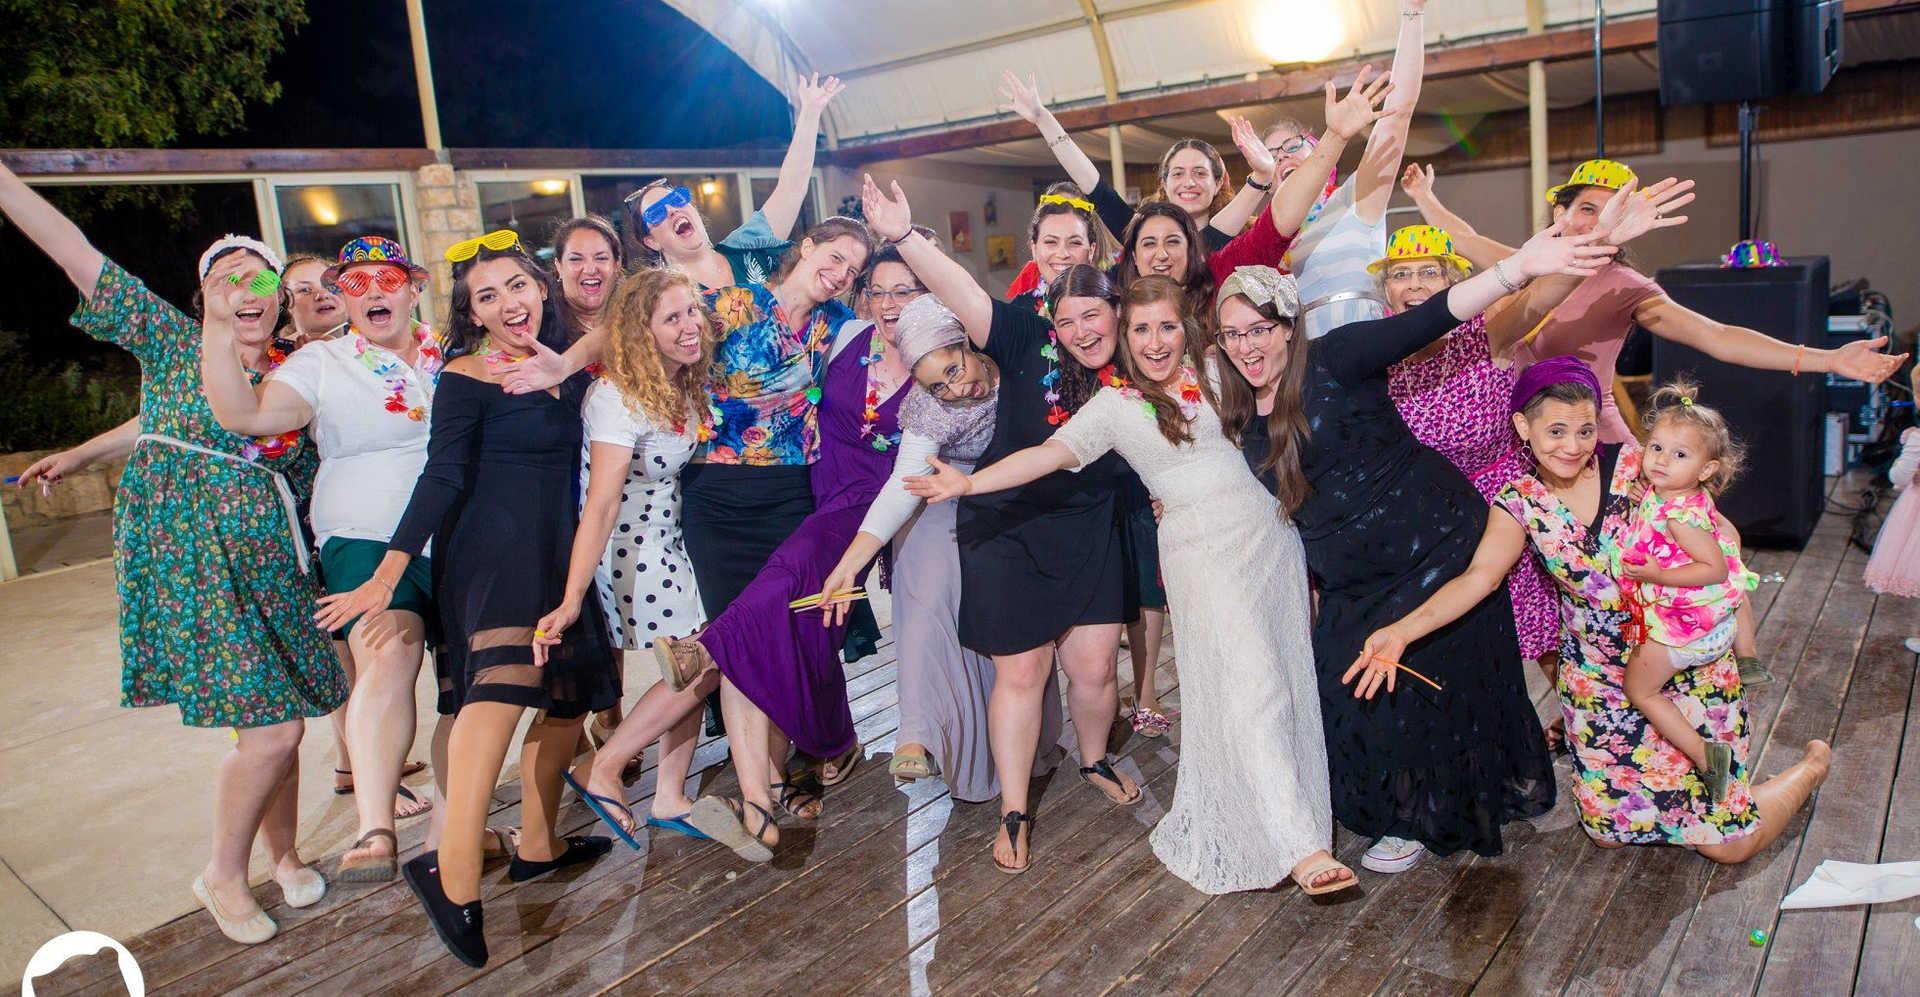 חגיגה בחתונה גוונא אירועים - Gavna Event